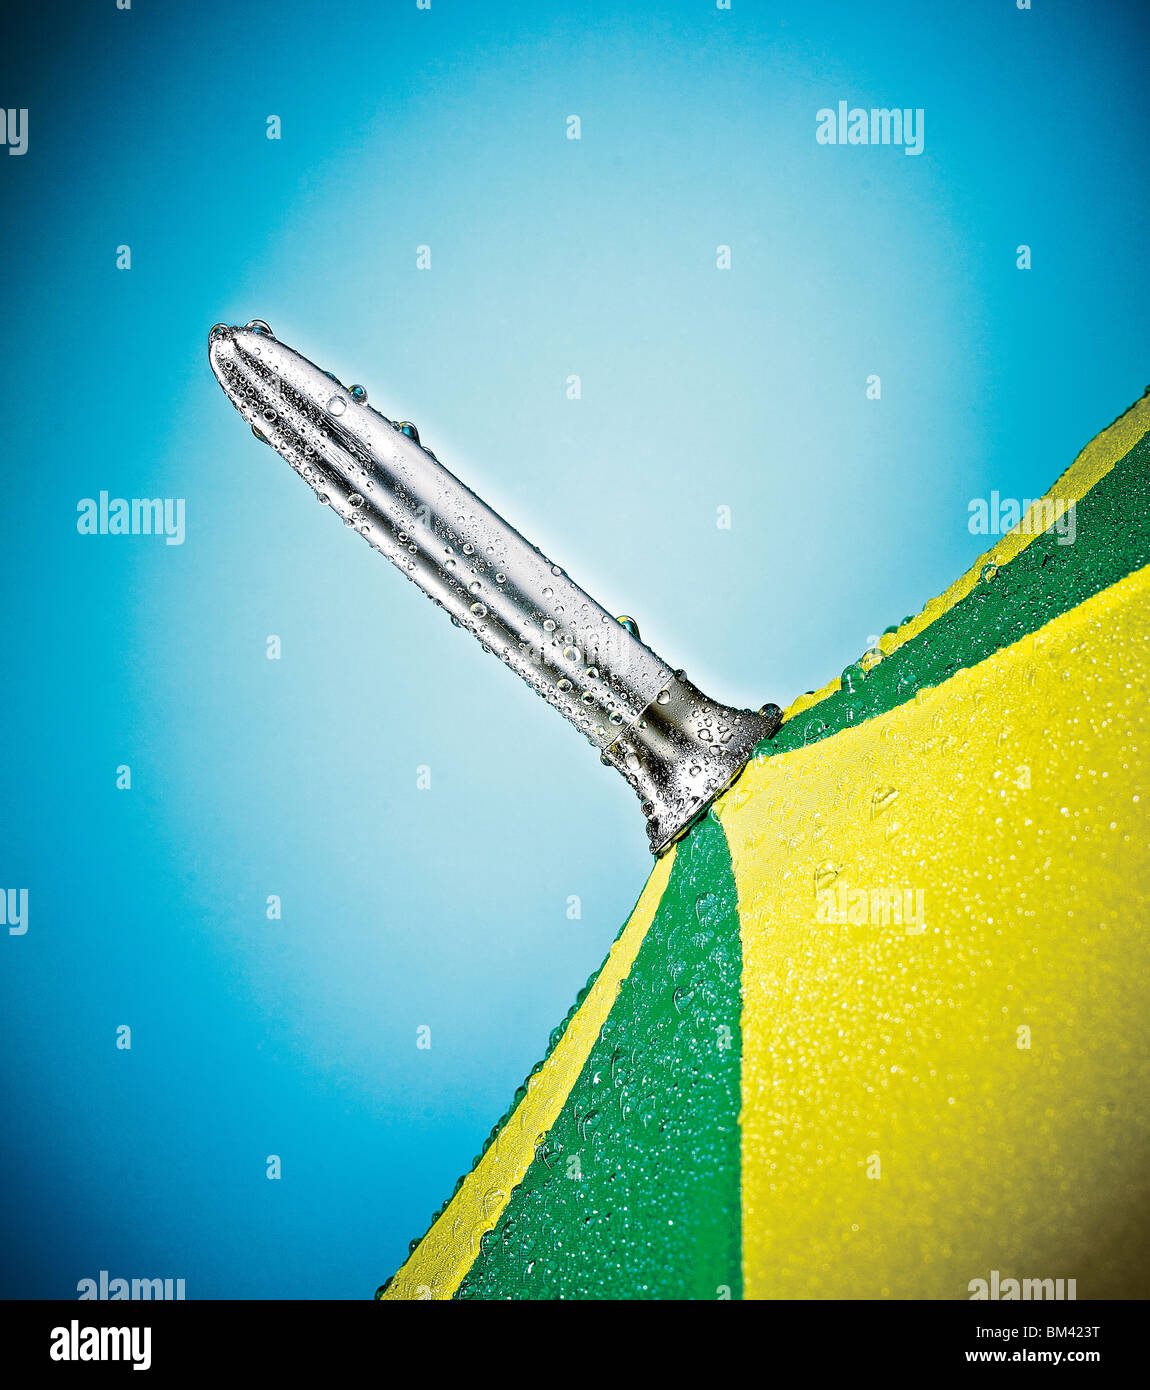 Nahaufnahme von Regenschirm Stockbild